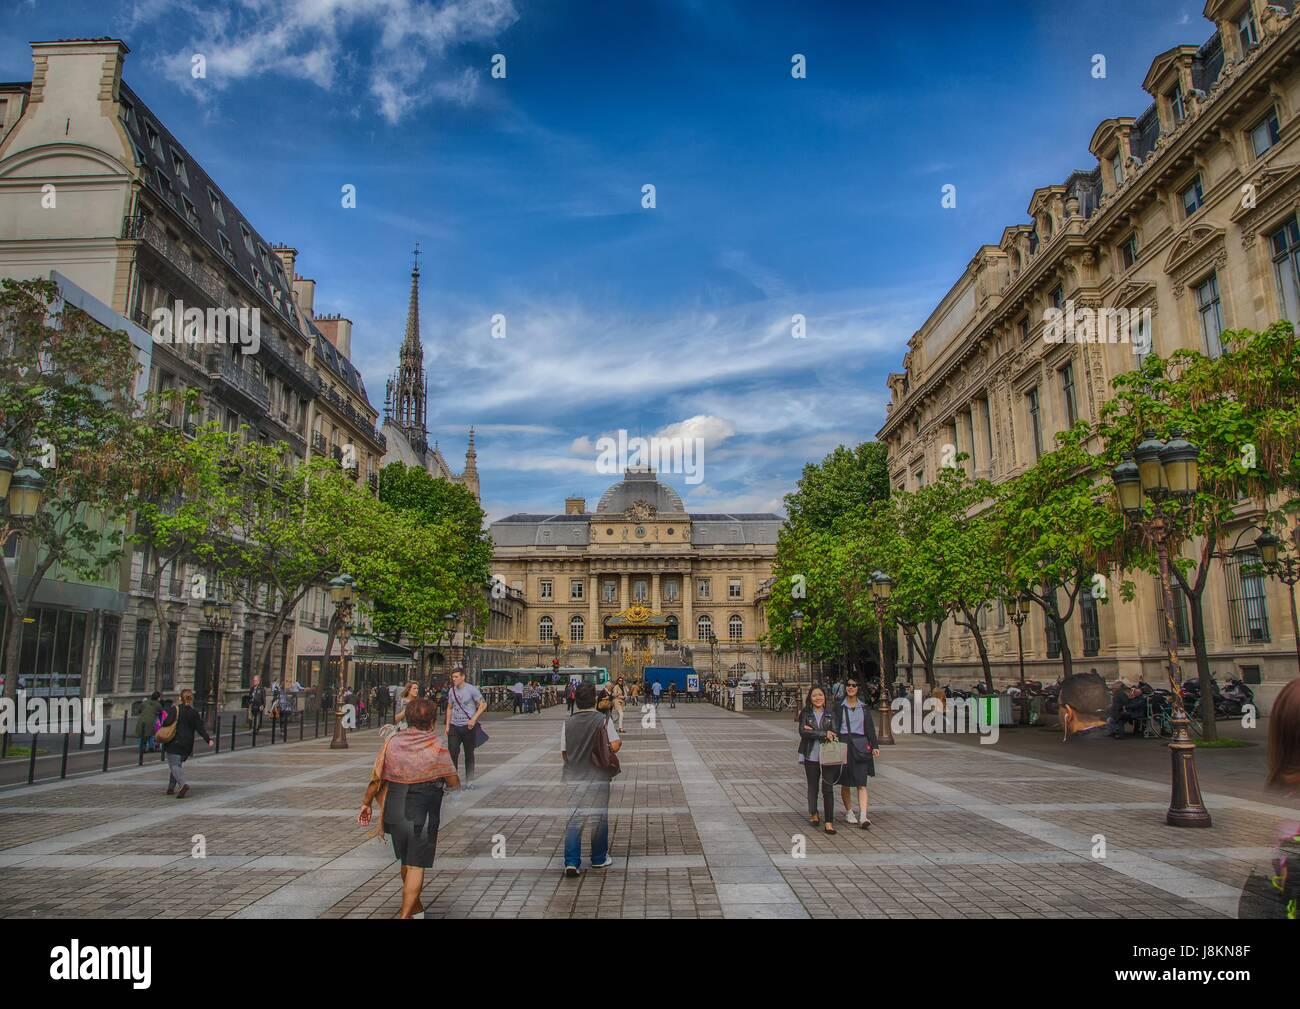 Place Louis Lépine and Palace of Justice at the Ile de la Cité at Paris, France Stock Photo